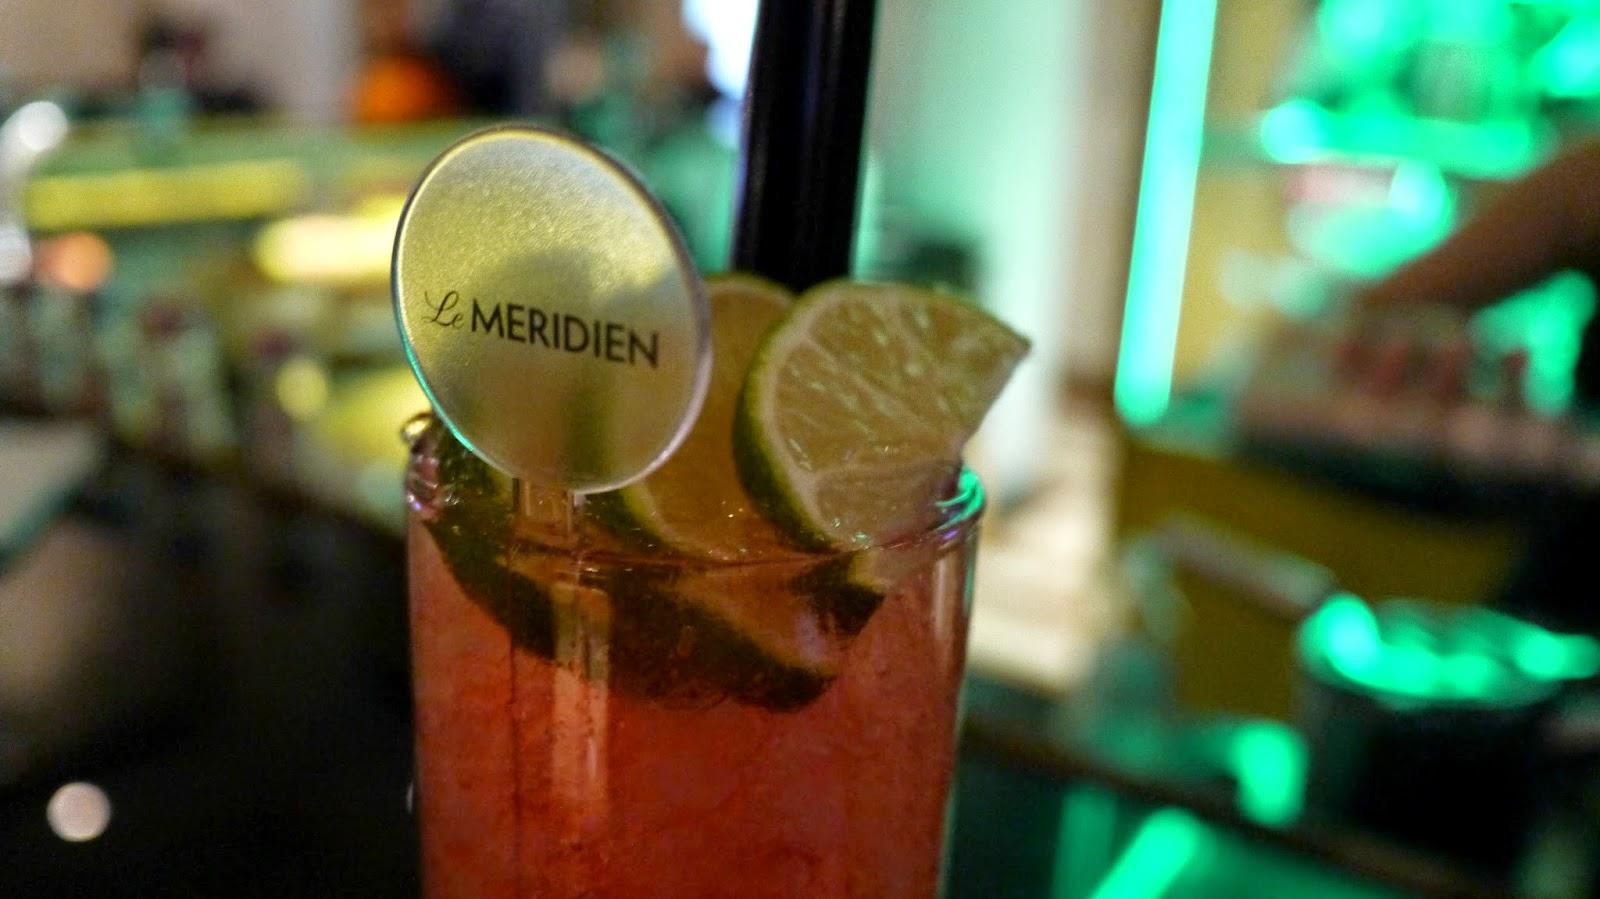 Le Meridien Budapest cocktails